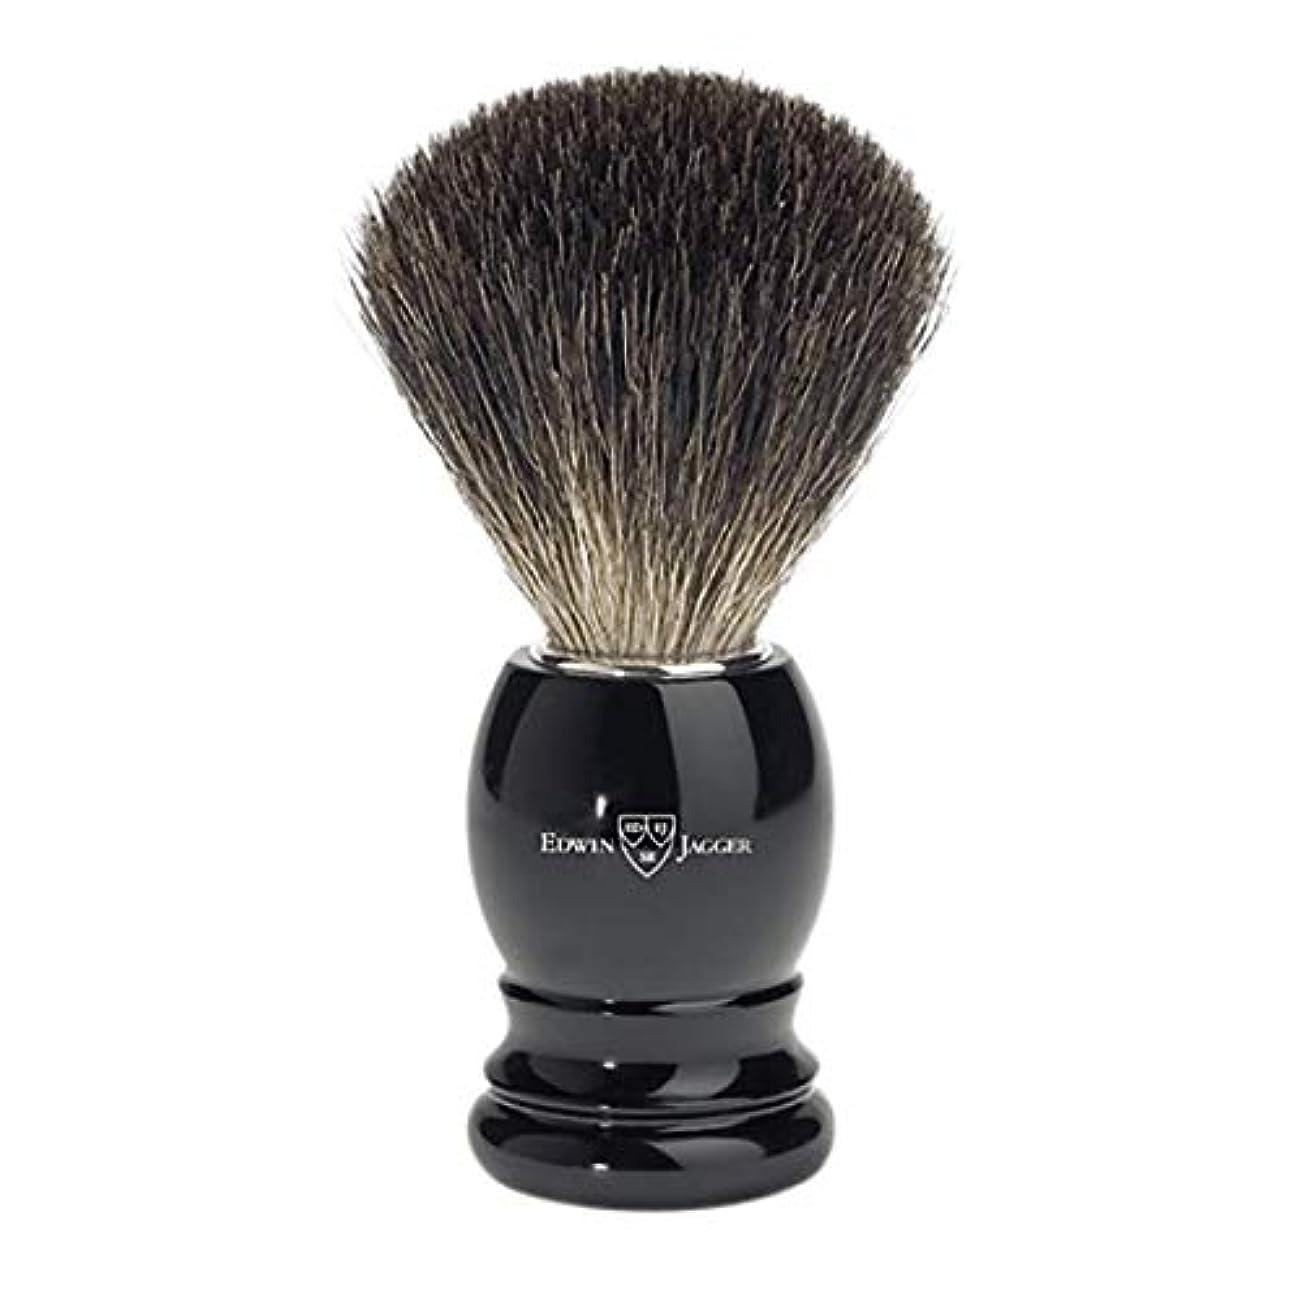 イノセンス右手荷物エドウィンジャガー ブラックイミテーションエボニーベストバジャーシェービングブラシ81P26[海外直送品]Edwin Jagger Black Imitation Ebony Best Badger Shaving Brush...